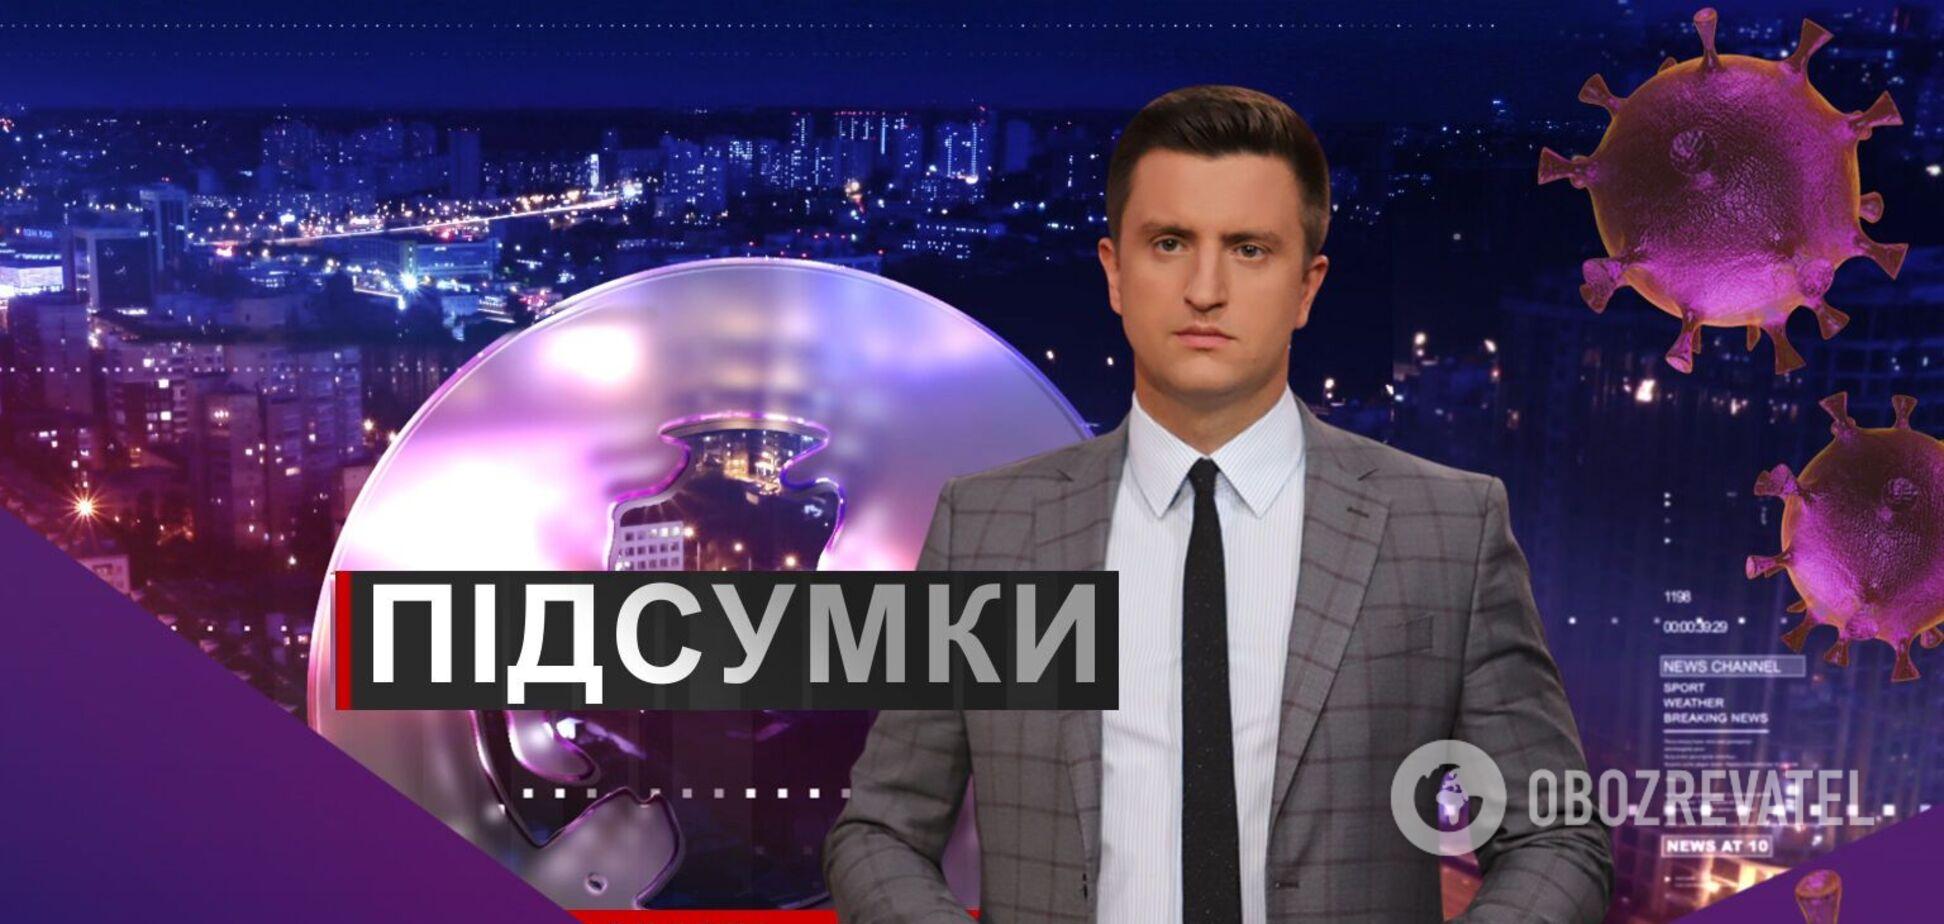 Підсумки дня з Вадимом Колодійчуком. Середа, 16 грудня